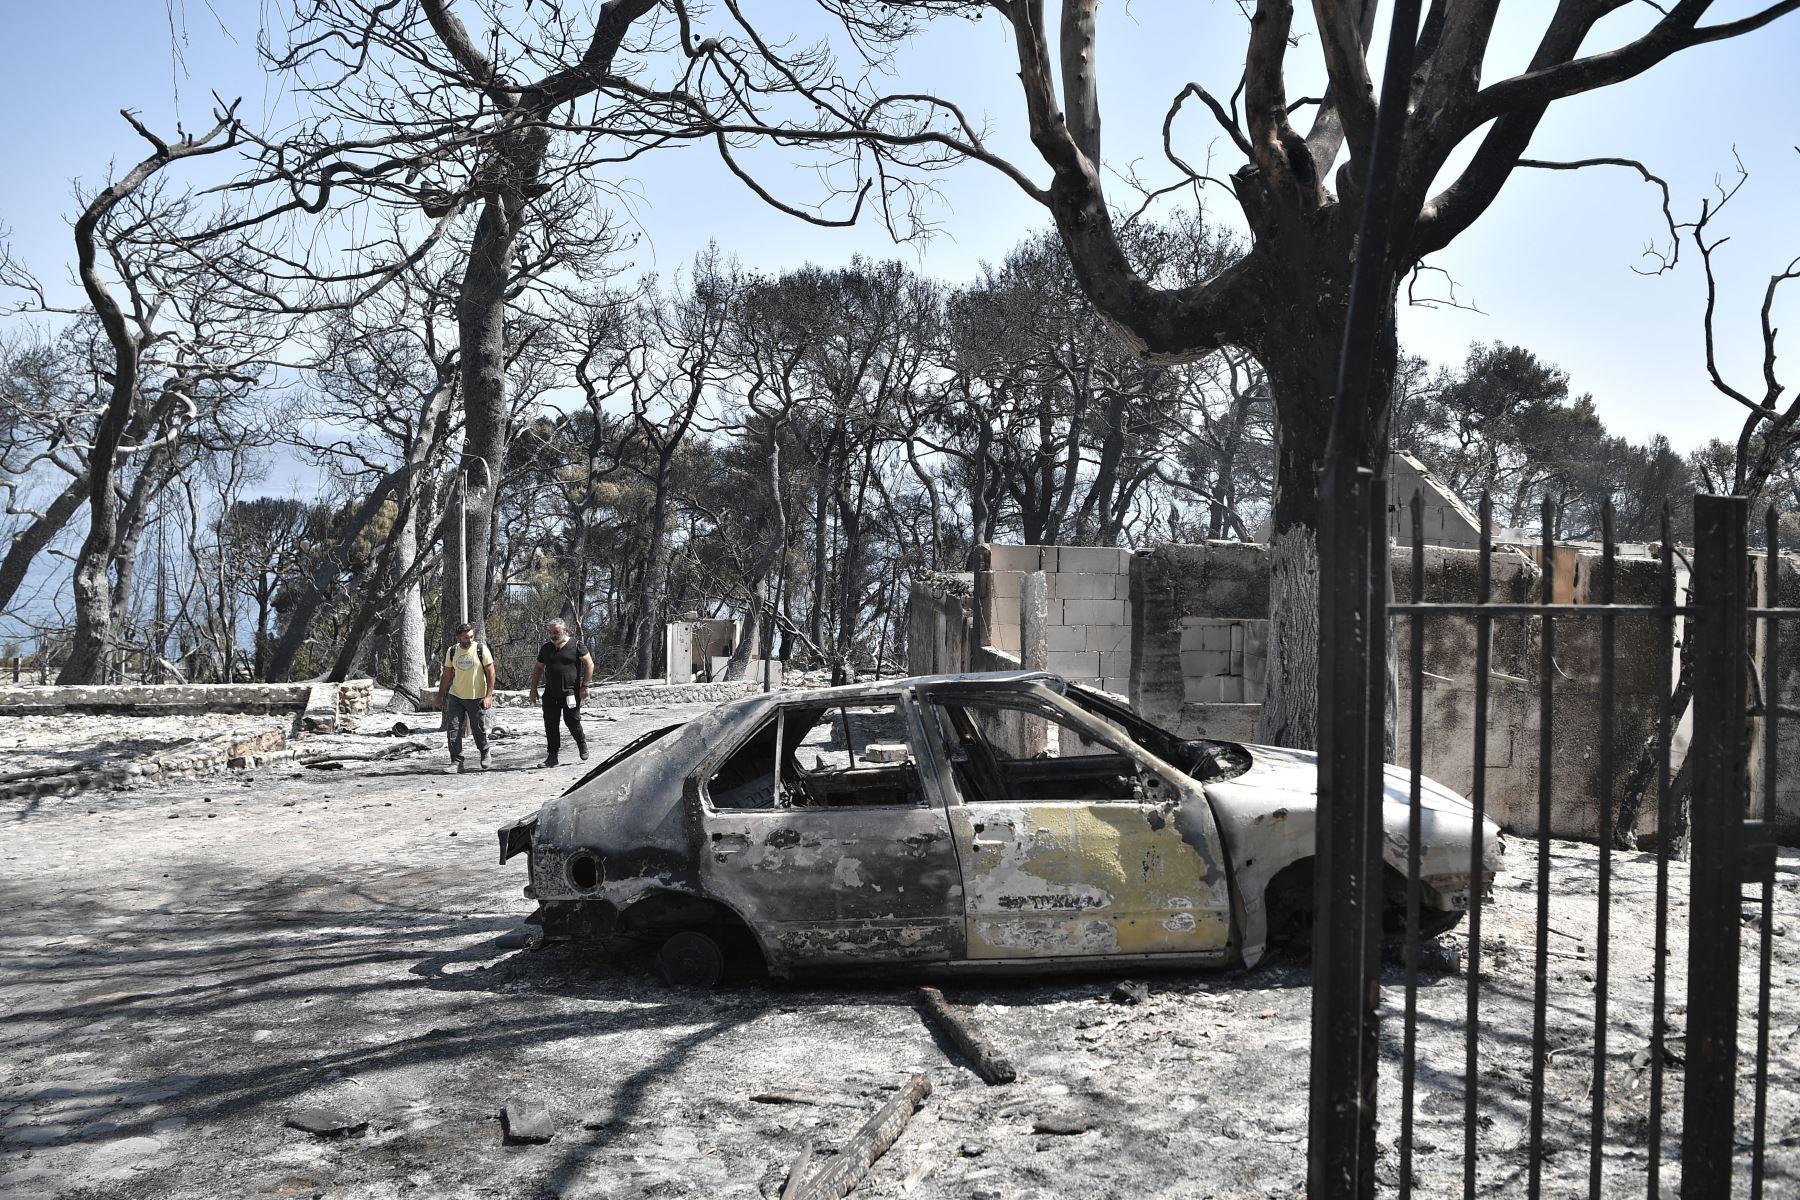 Los residentes locales caminan en el área quemada de un Club Mediterranee abandonado en Lambiri, al este de Patras en Grecia.  Foto: AFP